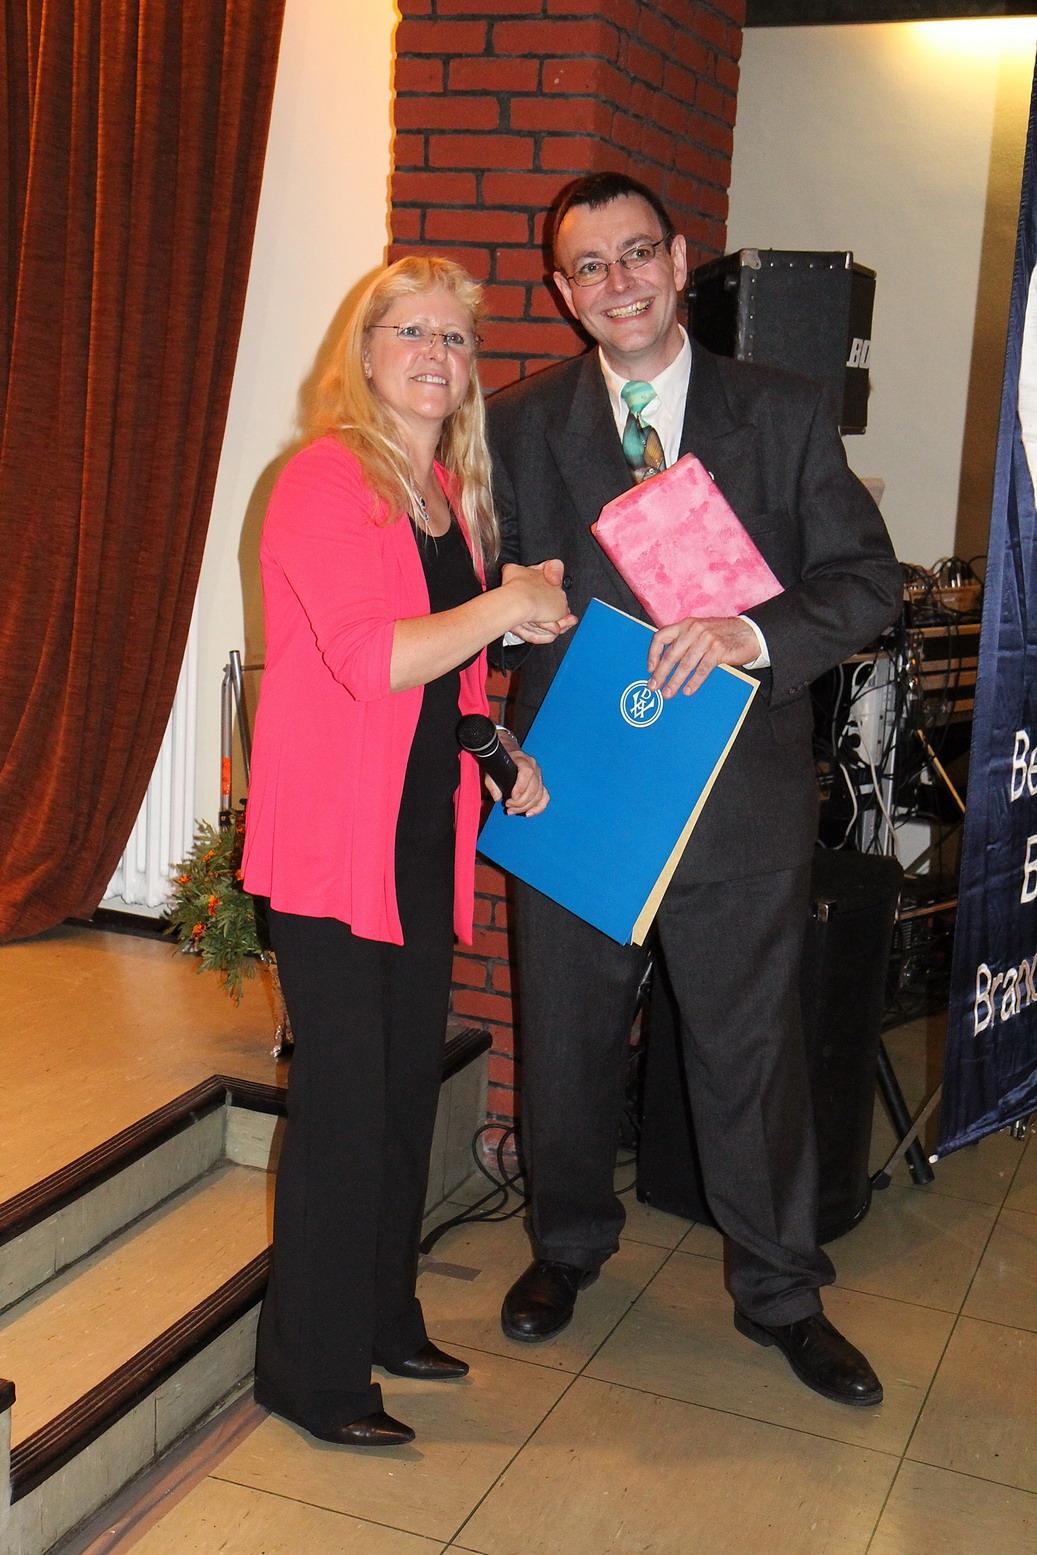 Die Bezirksvorsitzende Christel Kasselmann überreicht dem Vorsitzenden des Vereins Naturfreunde im 20. Bezirk, Andreas Kersjes, die Urkunde zum 100jährigen Bestehen_resize